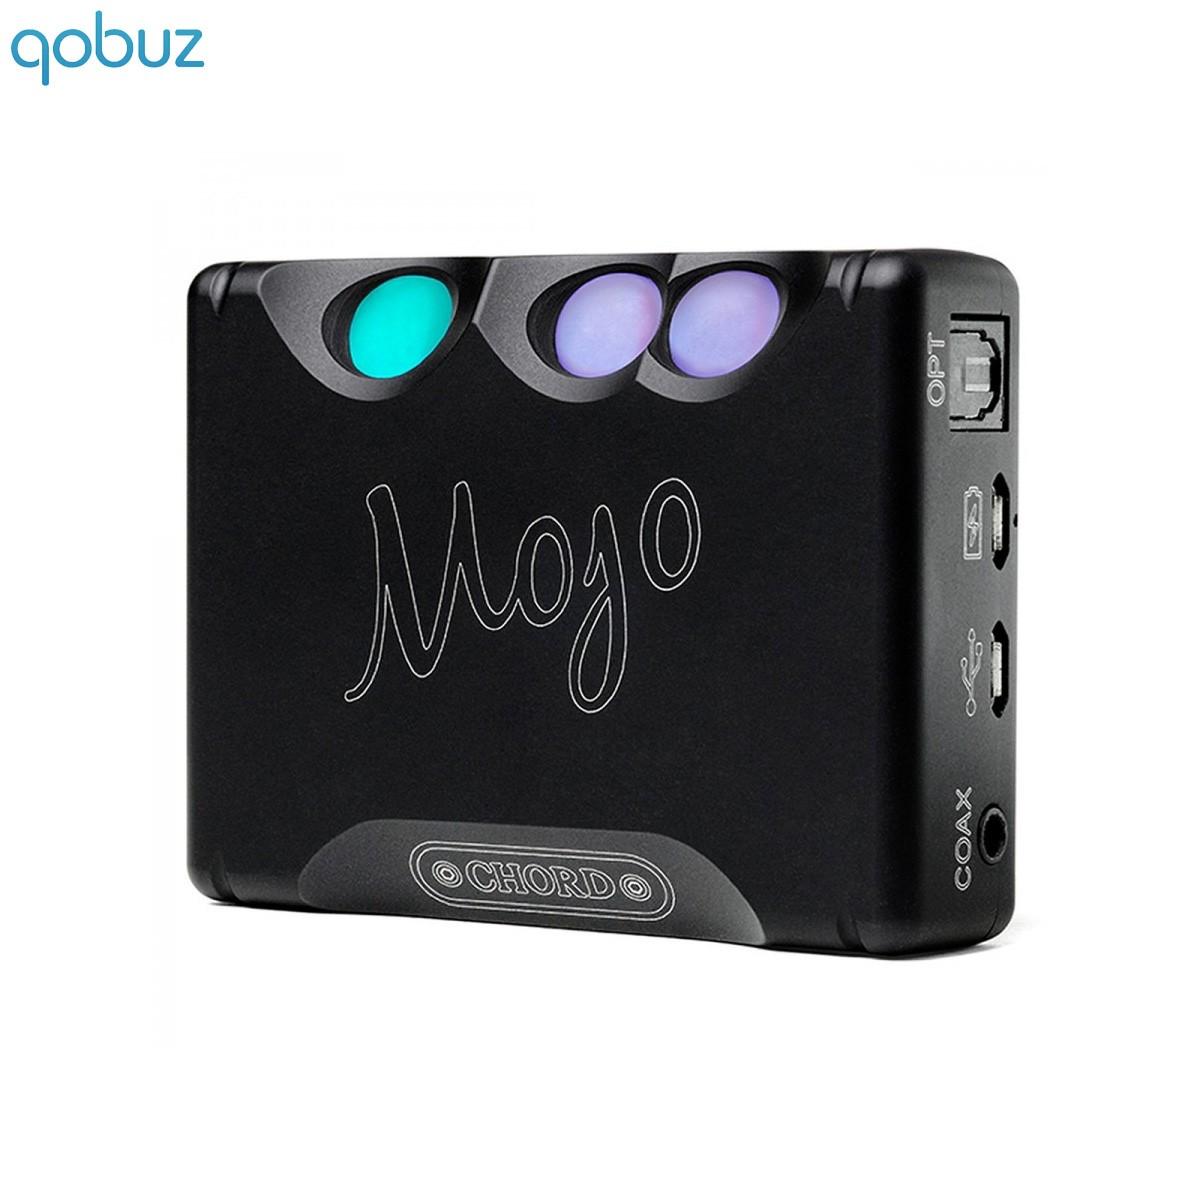 CHORD Mojo DAC USB / Amplificateur Casque 32Bit/768kHz Android iOS sur batterie